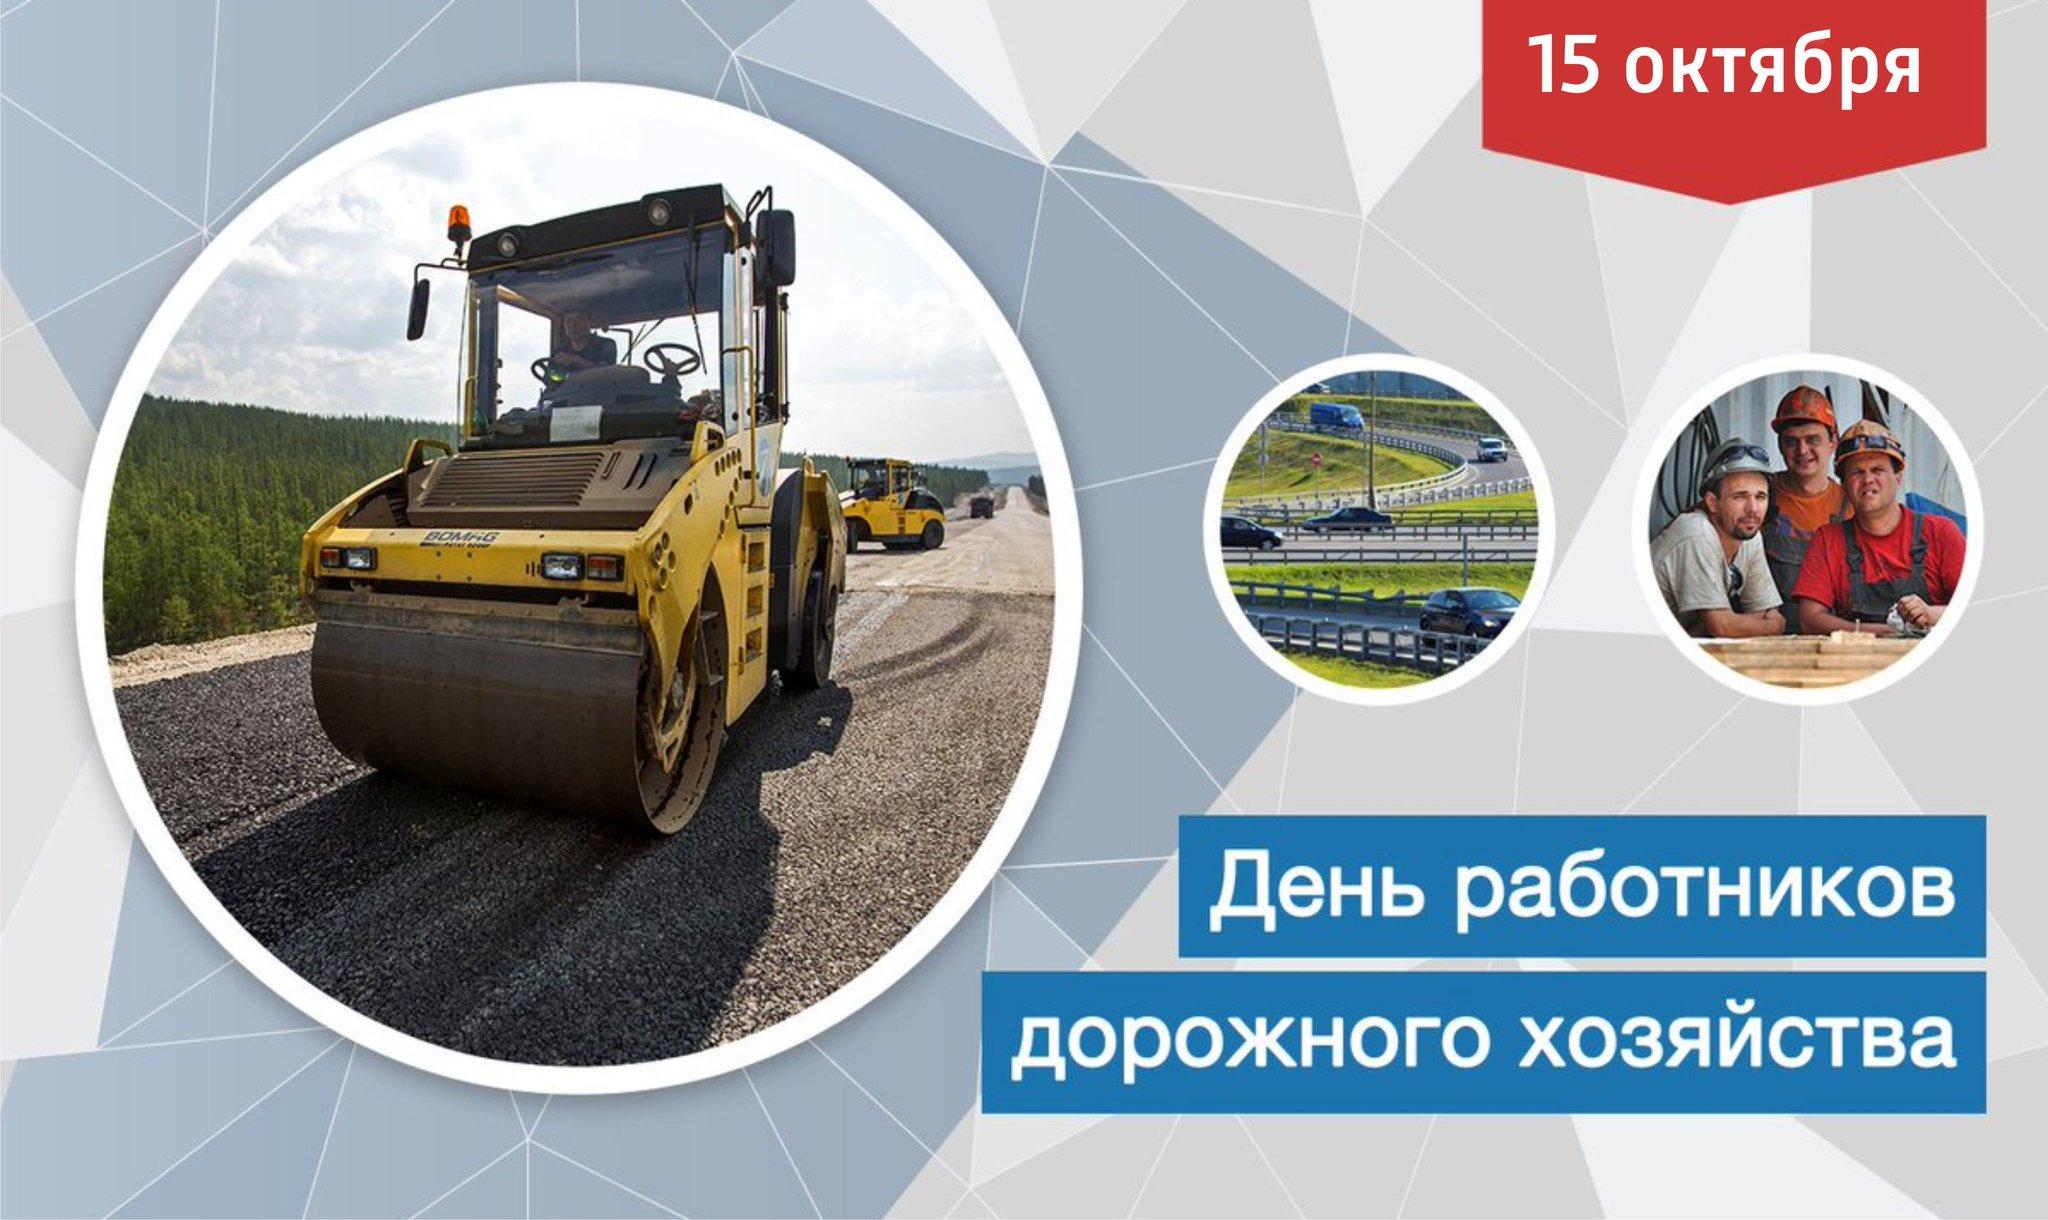 профессиональные поздравления день дорожного хозяйства шумные работы выполнены